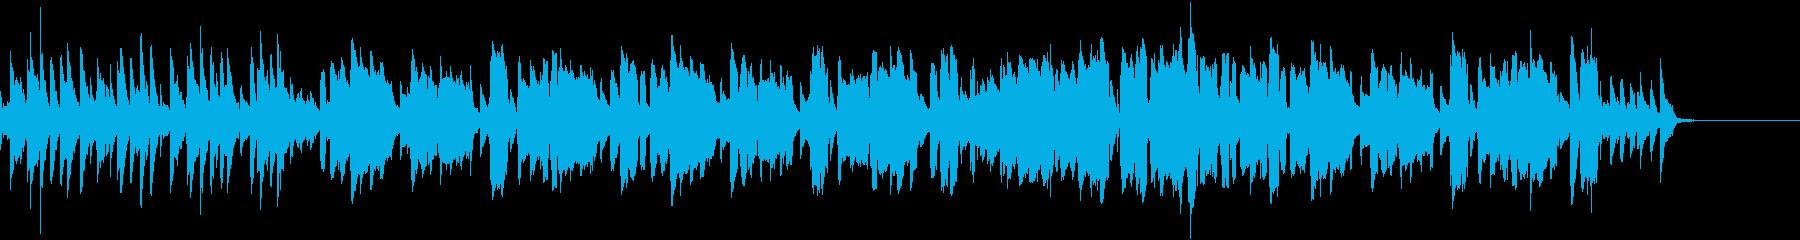 フィードルが奏でるカントリーミュージックの再生済みの波形